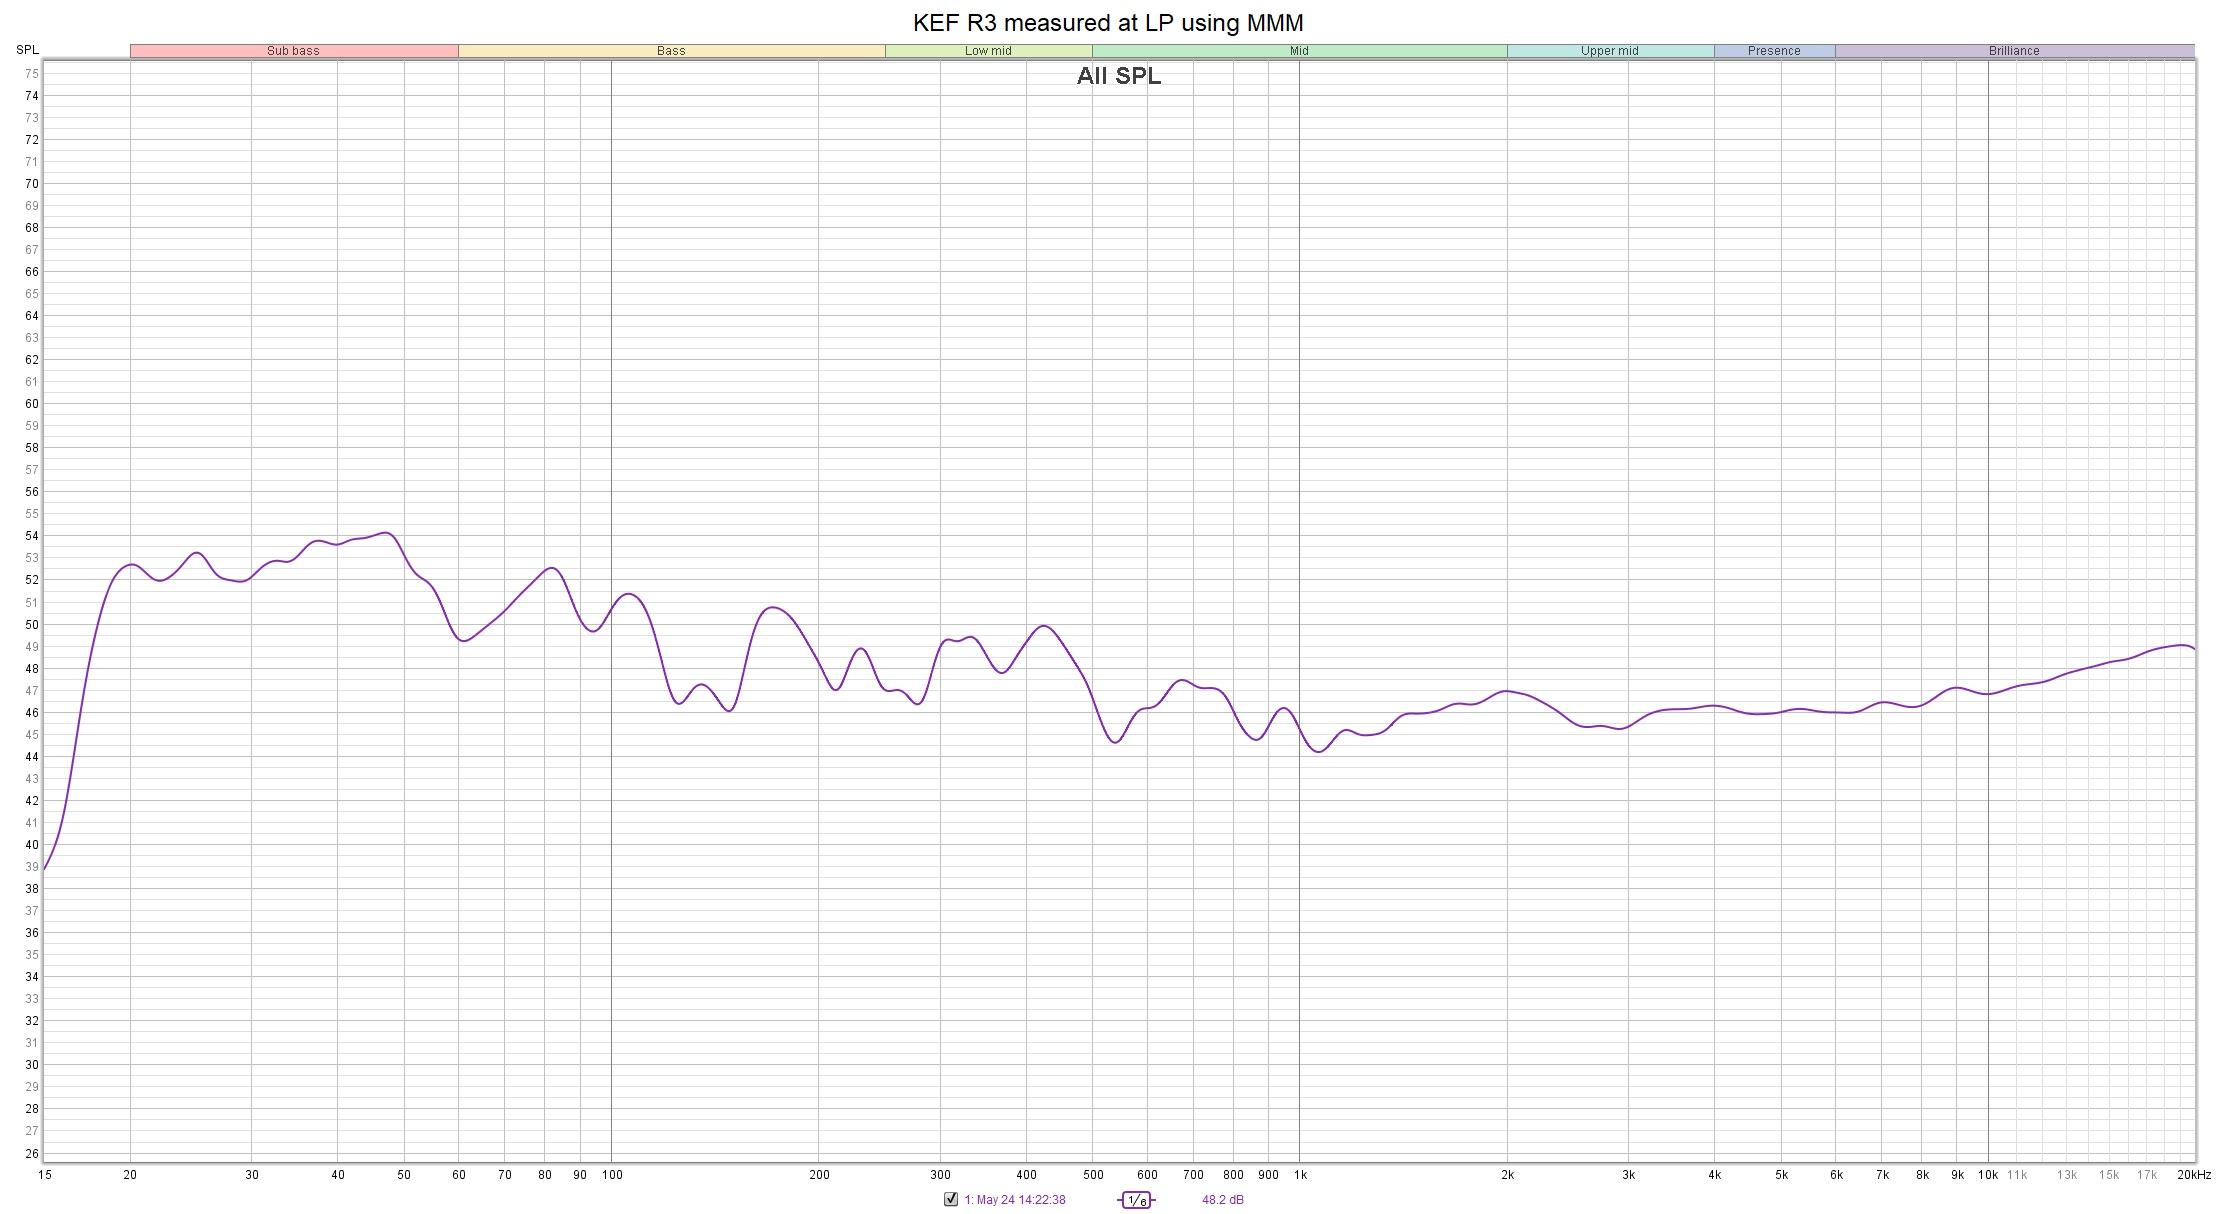 KEF R3 measured at LP using MMM.jpg